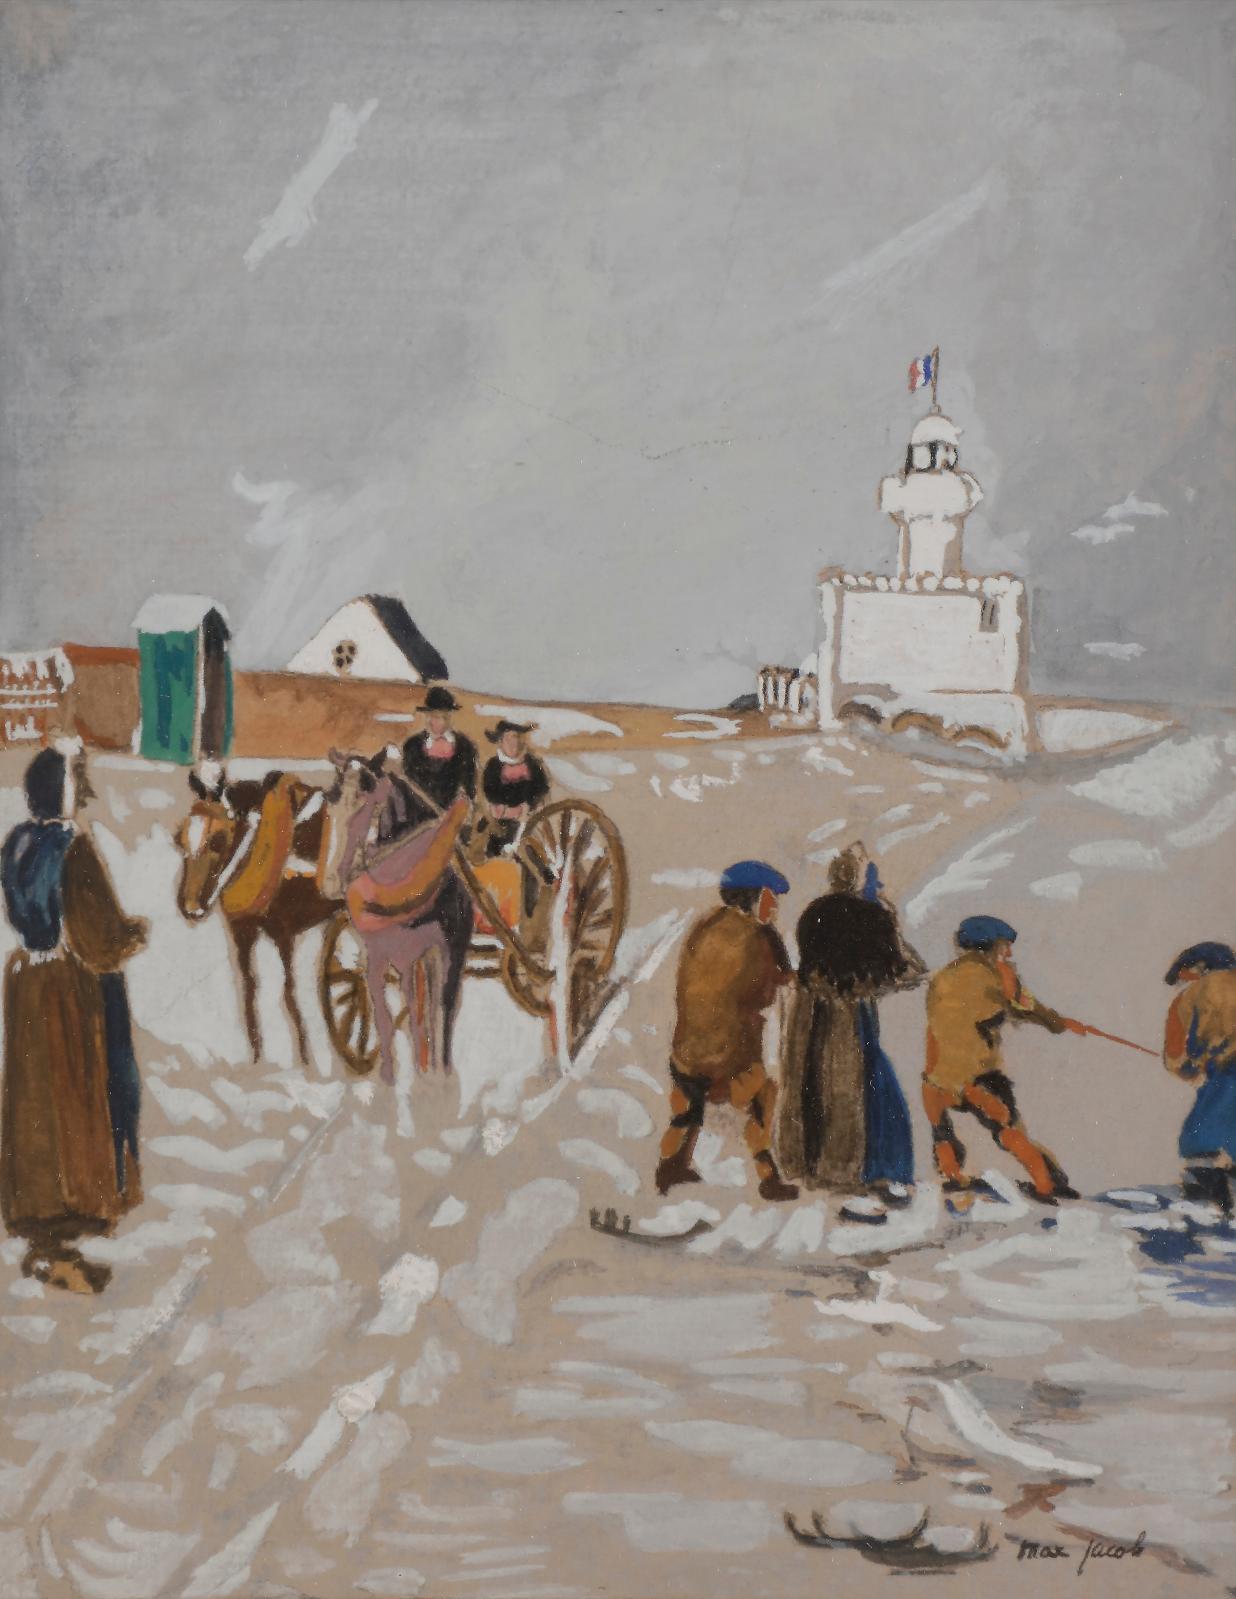 Max Jacob (1876-1944), La Récolte du varech, gouache, 18,5x14,5cm. Estimation: 800/1000€